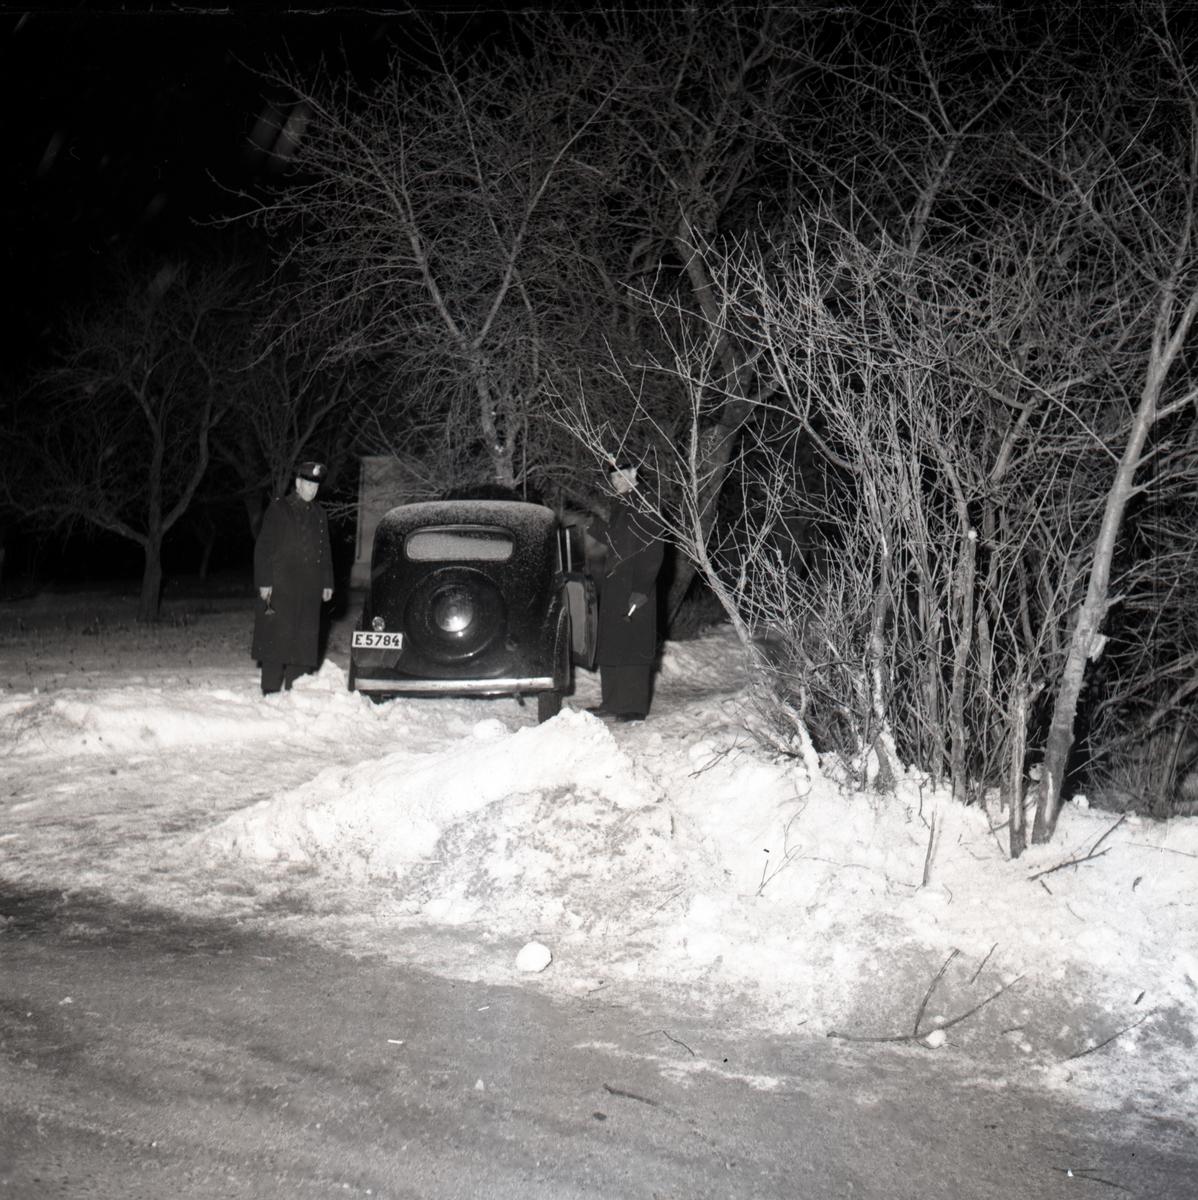 Efter att ha blivit jagade av poliser i radiobil, har ett par biltjuvar slutligen hejdats i Hackefors av ett träd. Bil. Krock. Singelolycka.